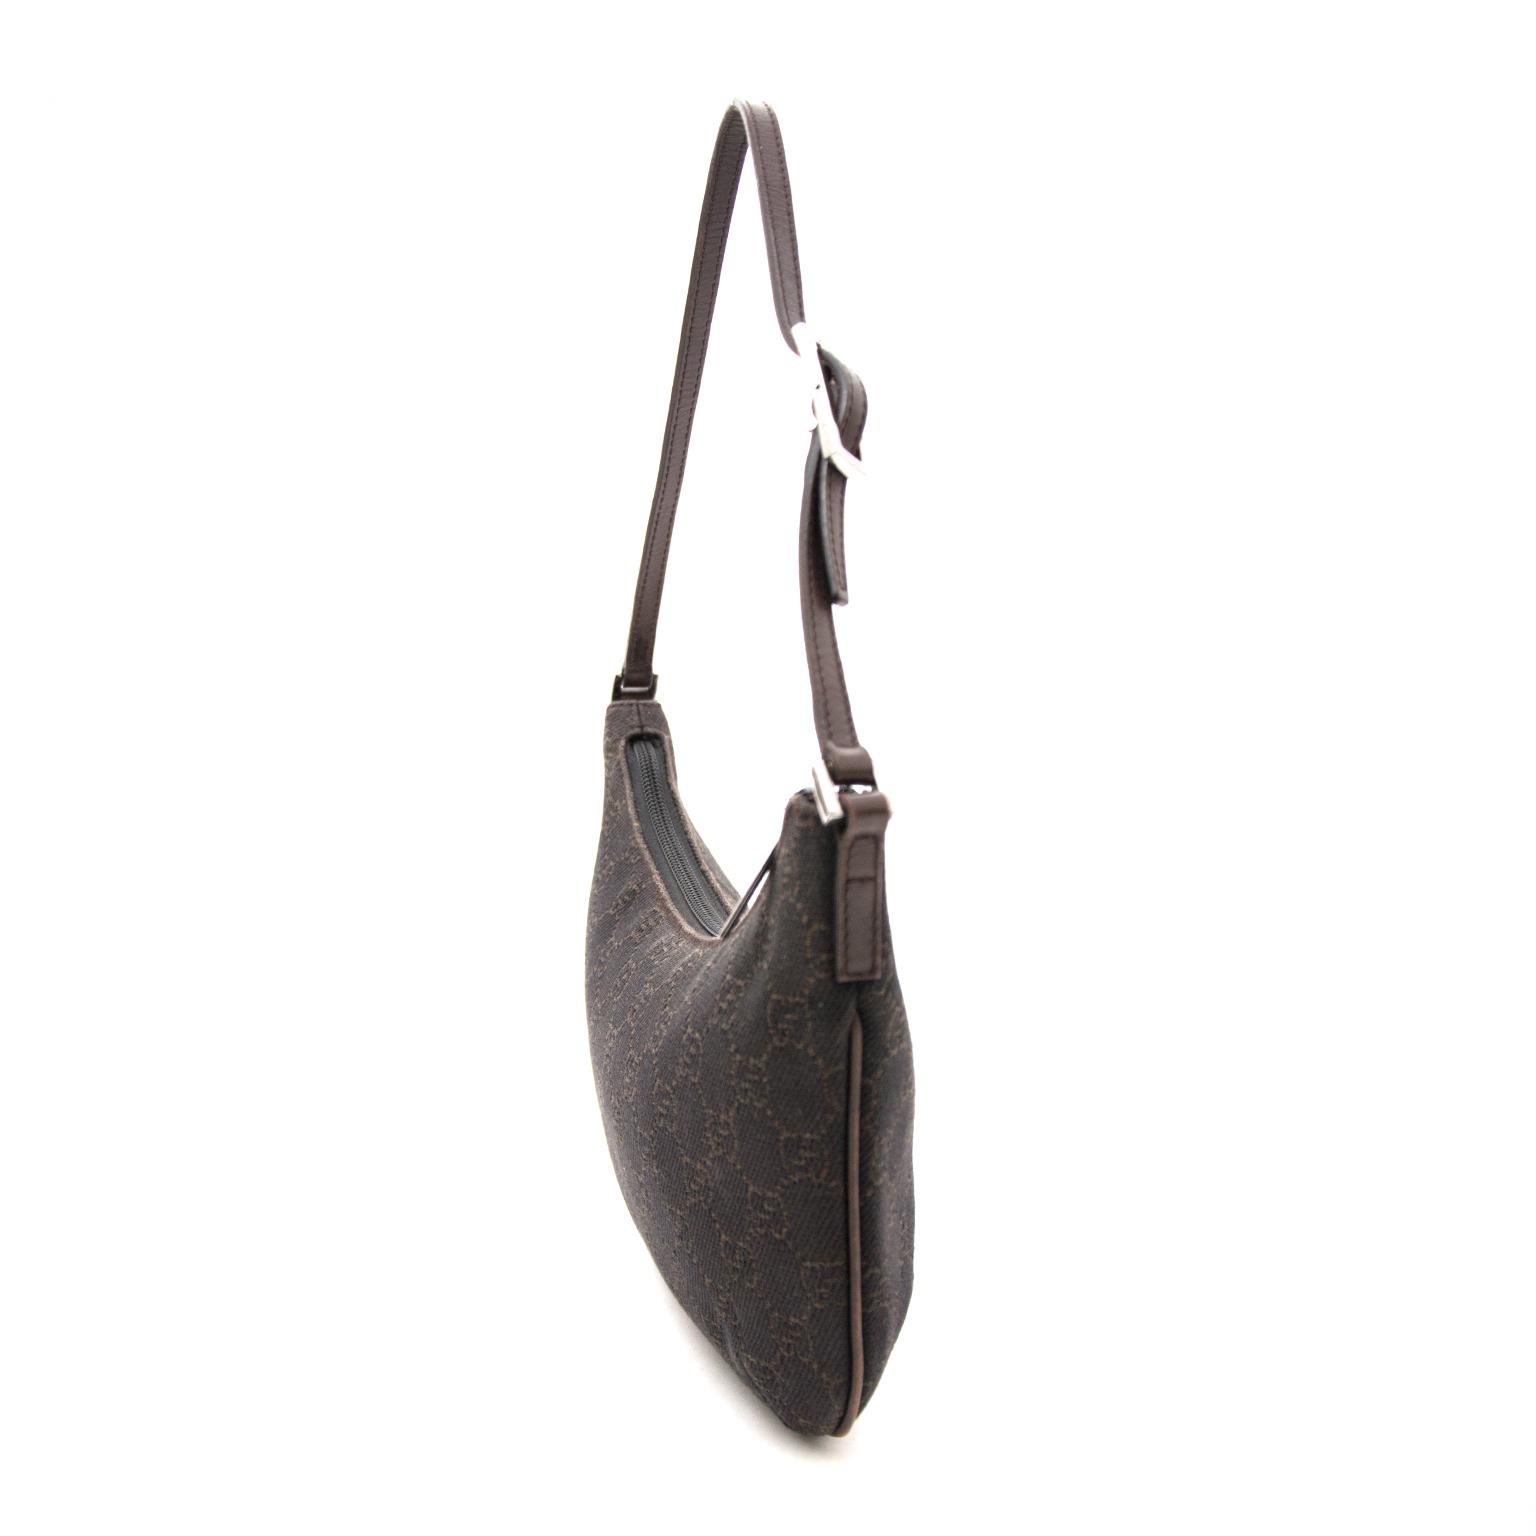 80c79890624850 ... Gucci Braune Baguette Monogram Shulterhandtasche heute online auf  labellov.com gegen den besten Preis.